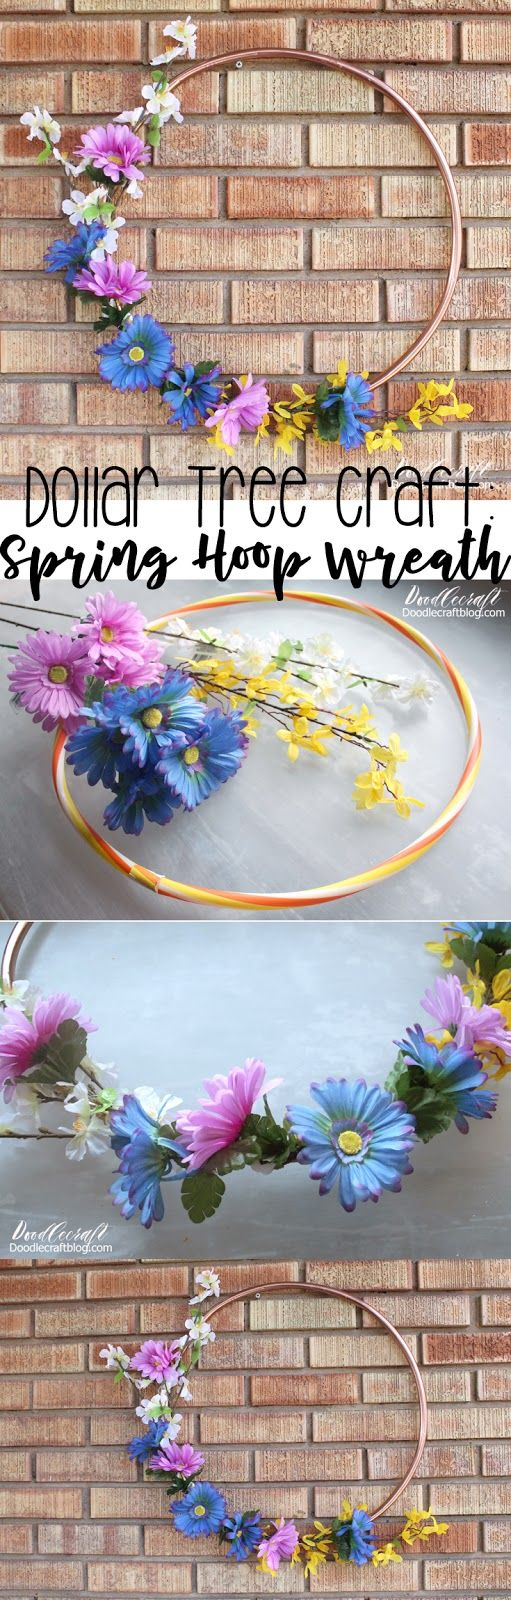 Dollar Tree Crafts: Spring Flower Hoop Wreath DIY